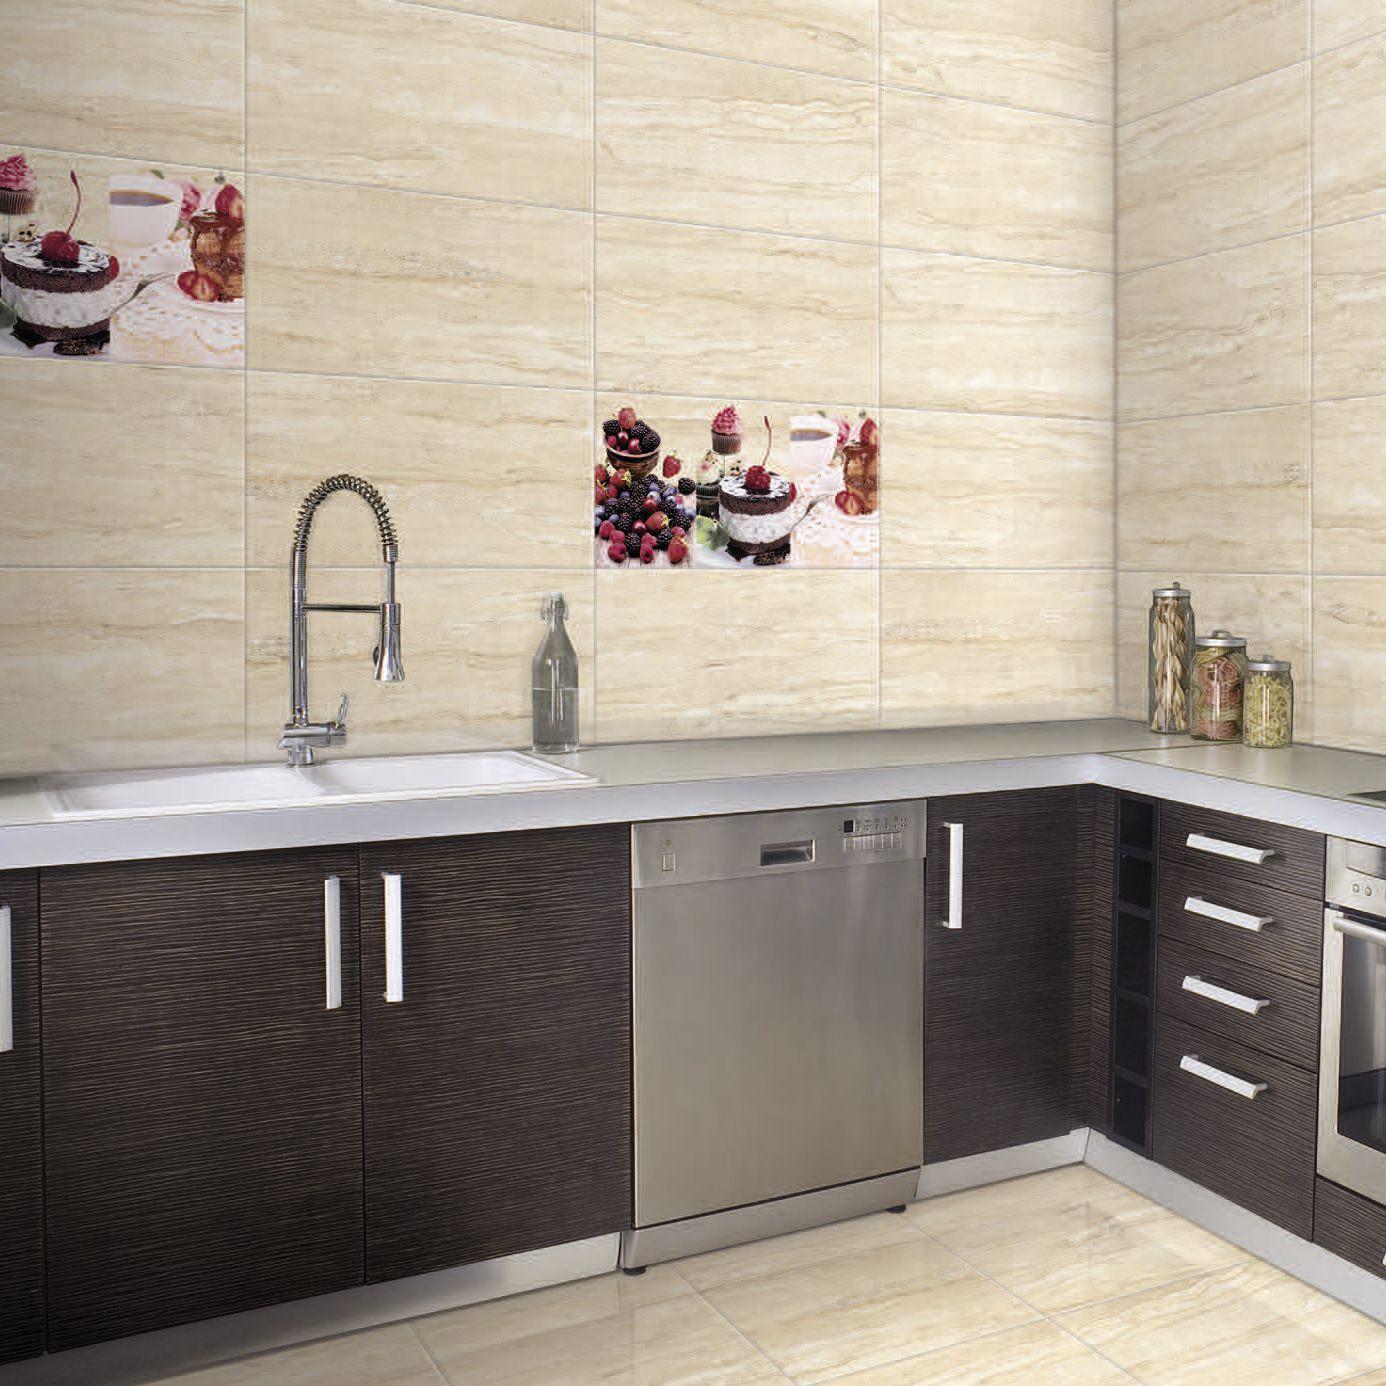 Ladrilho Para Cozinha De Parede De Piso Em Cerâmica Icaro